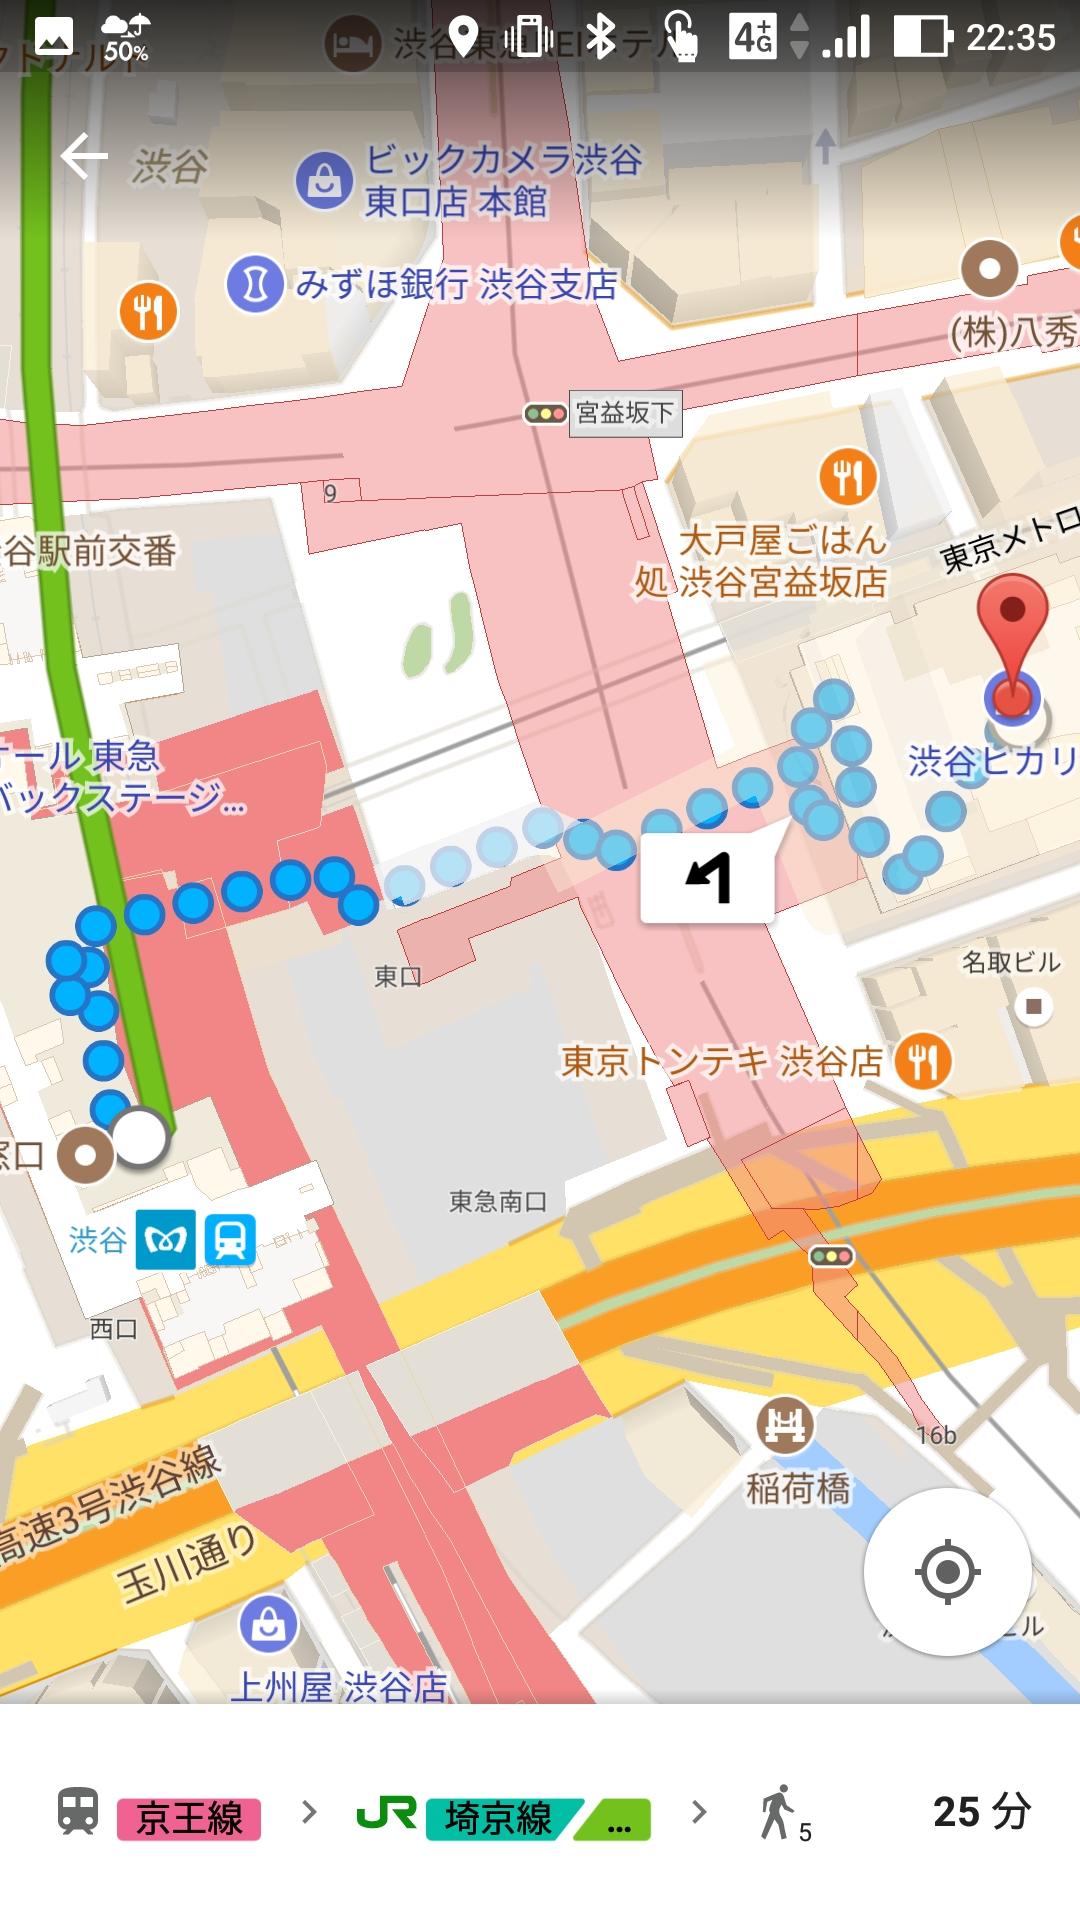 地図を拡大すると駅の出口が分かるので、移動ルートに近い出口を確認できます